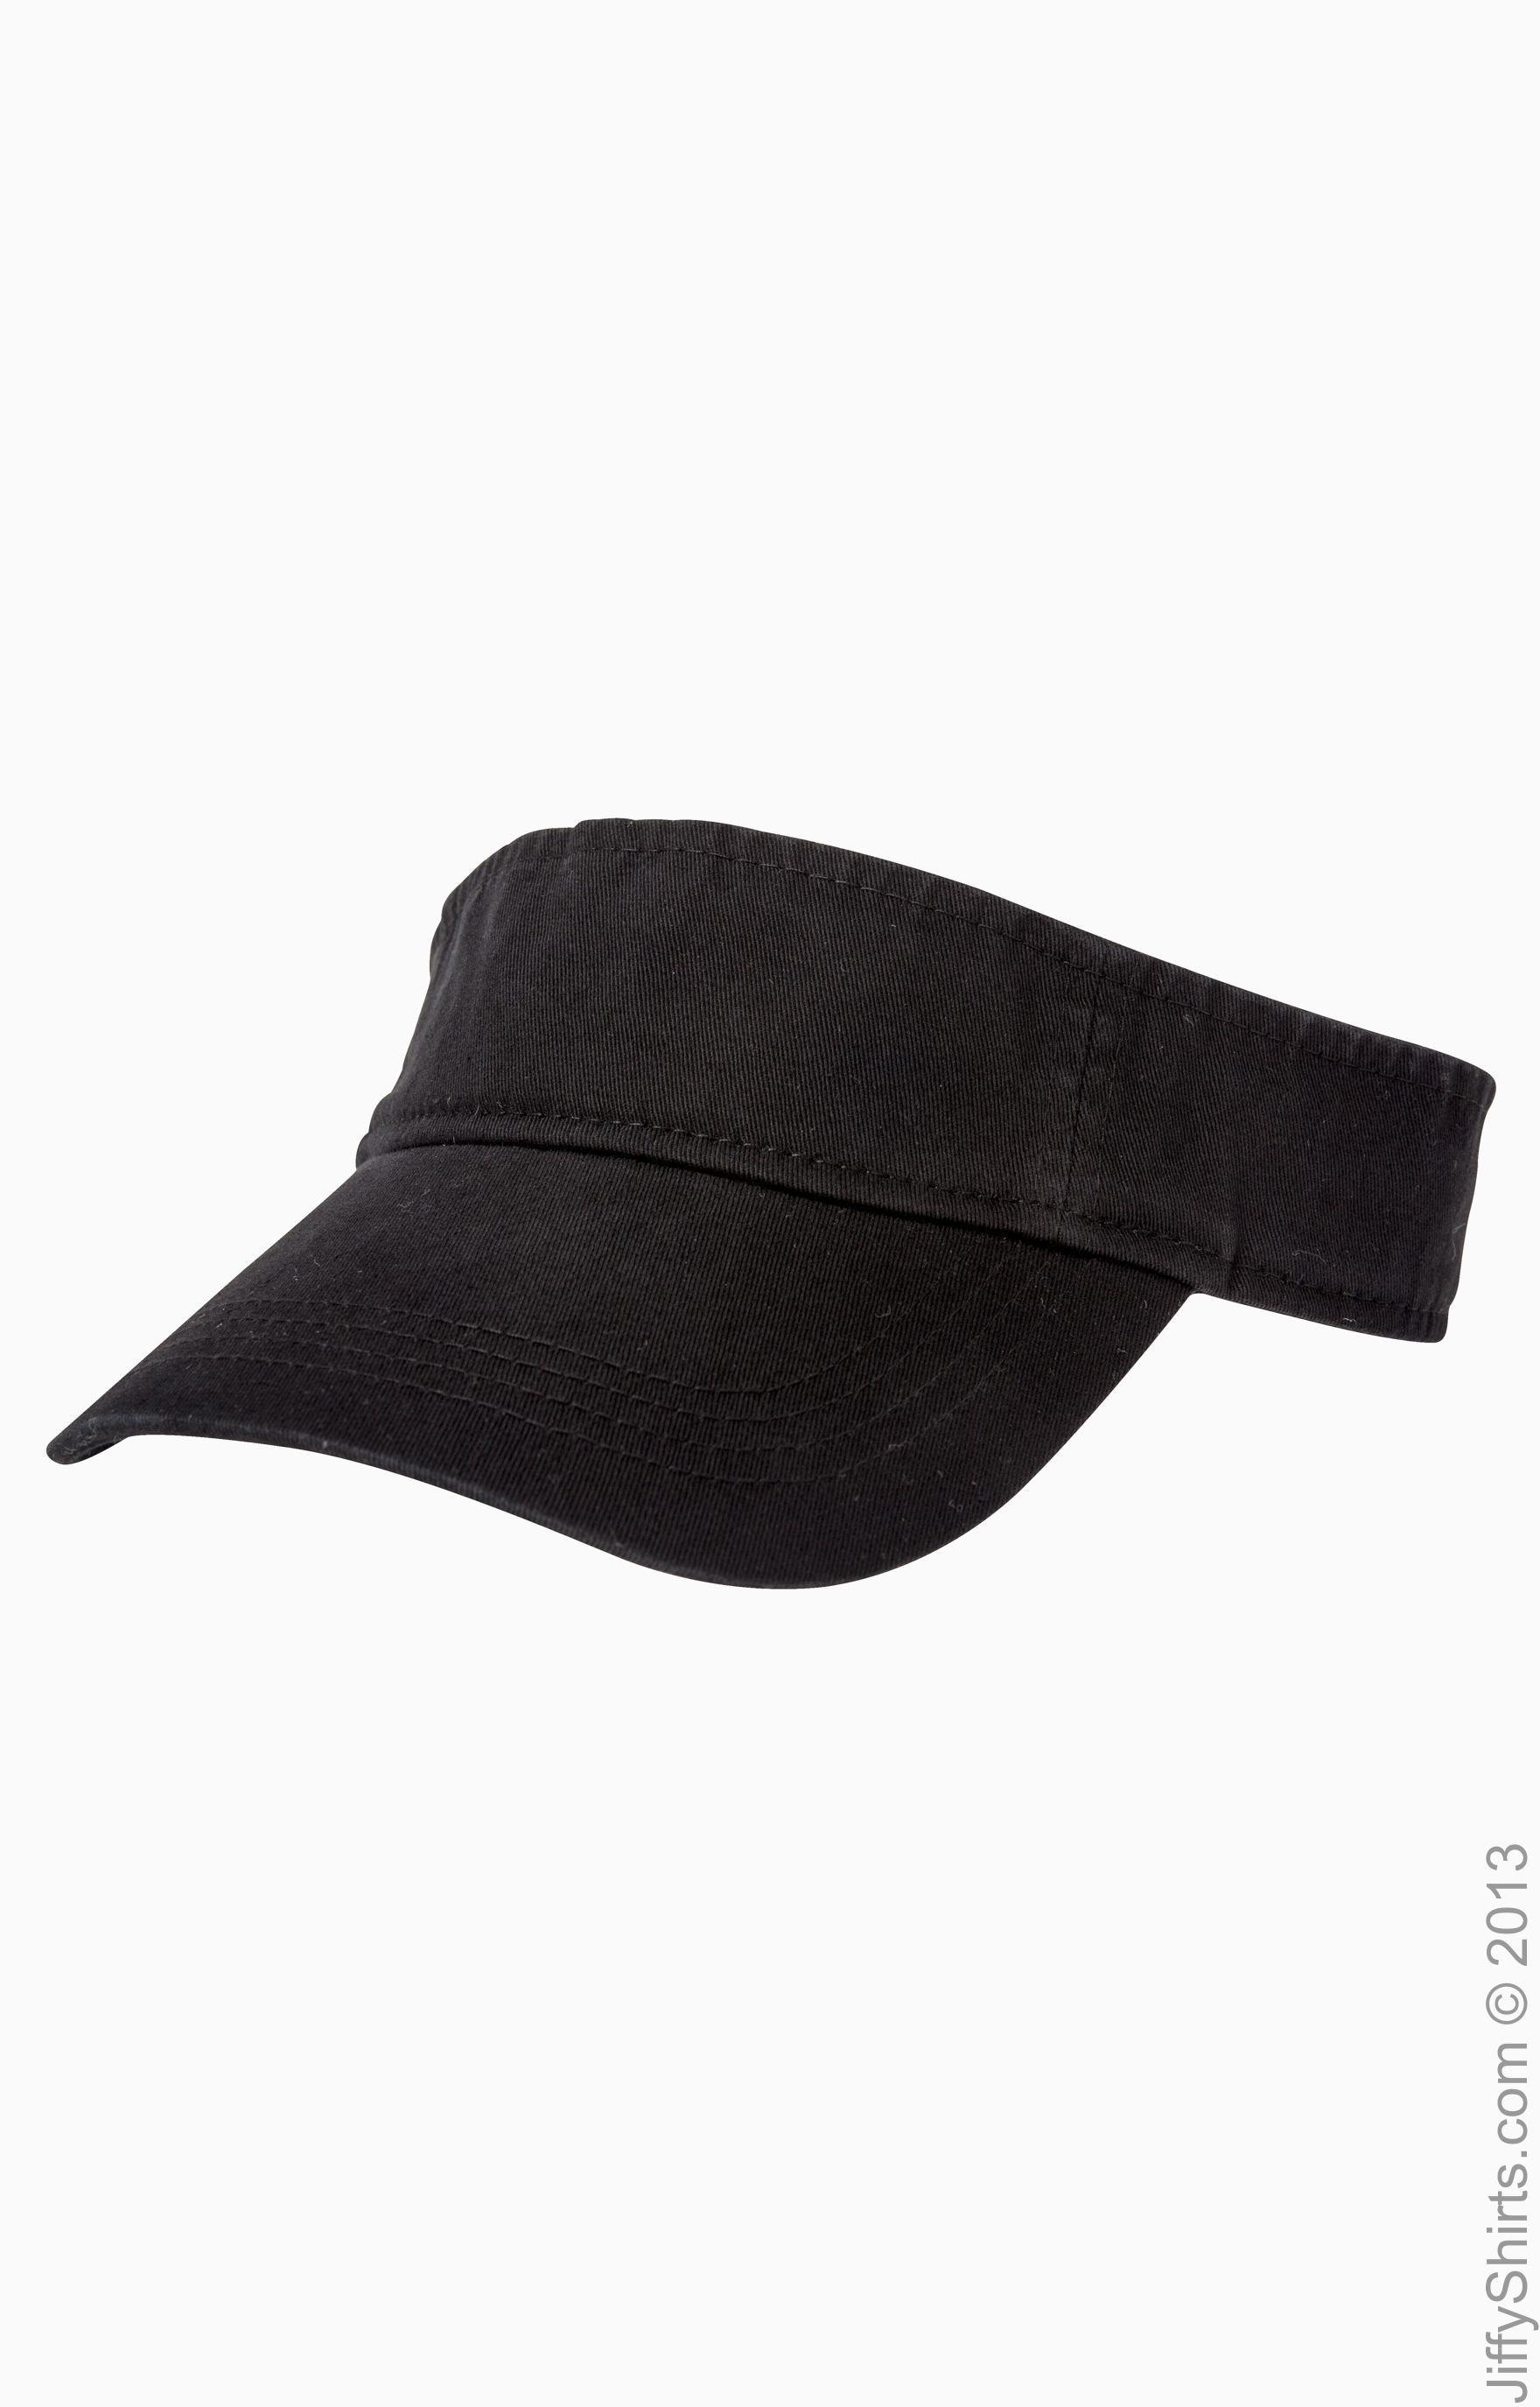 Anvil 158 Black